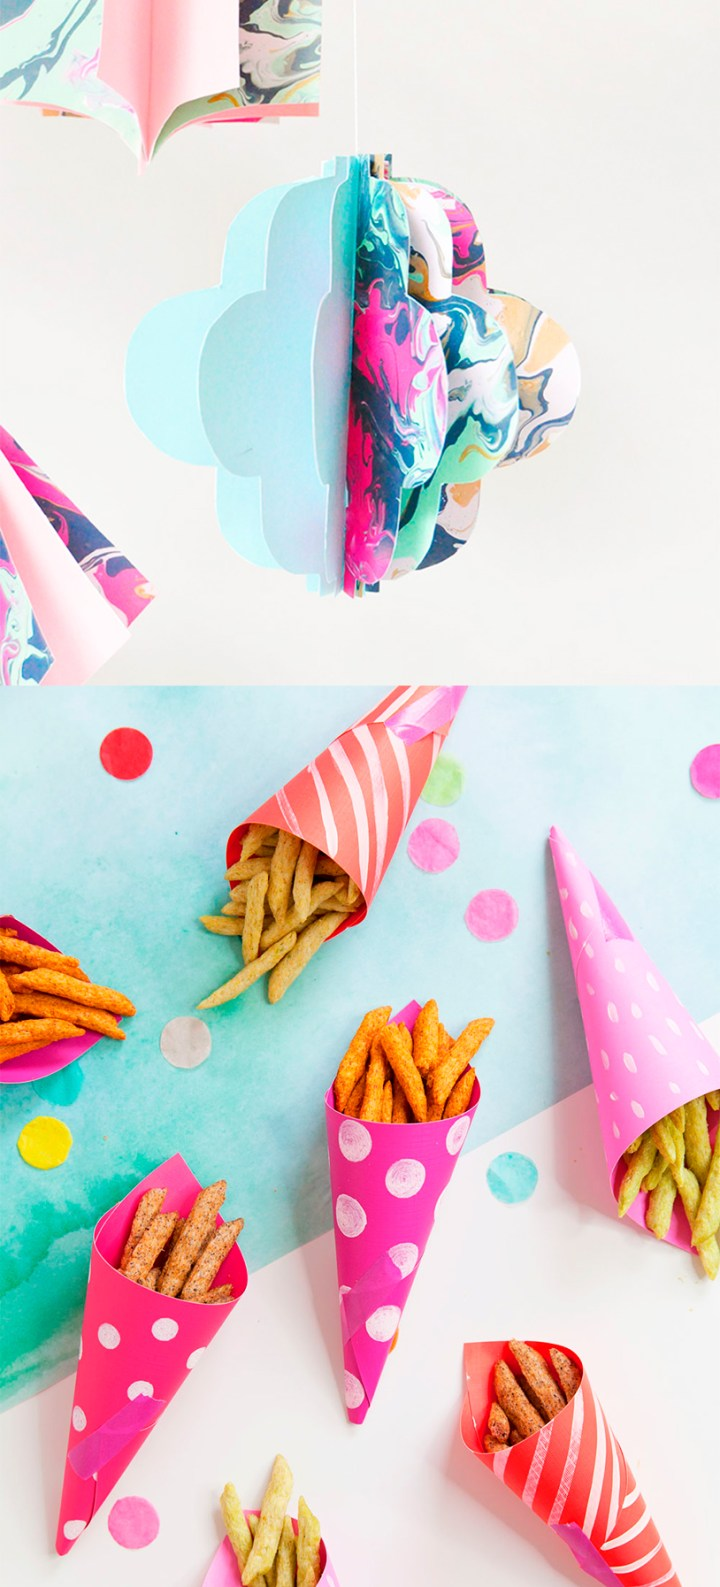 8 ideas para decorar una fiesta | 8 ideas to decorate a party